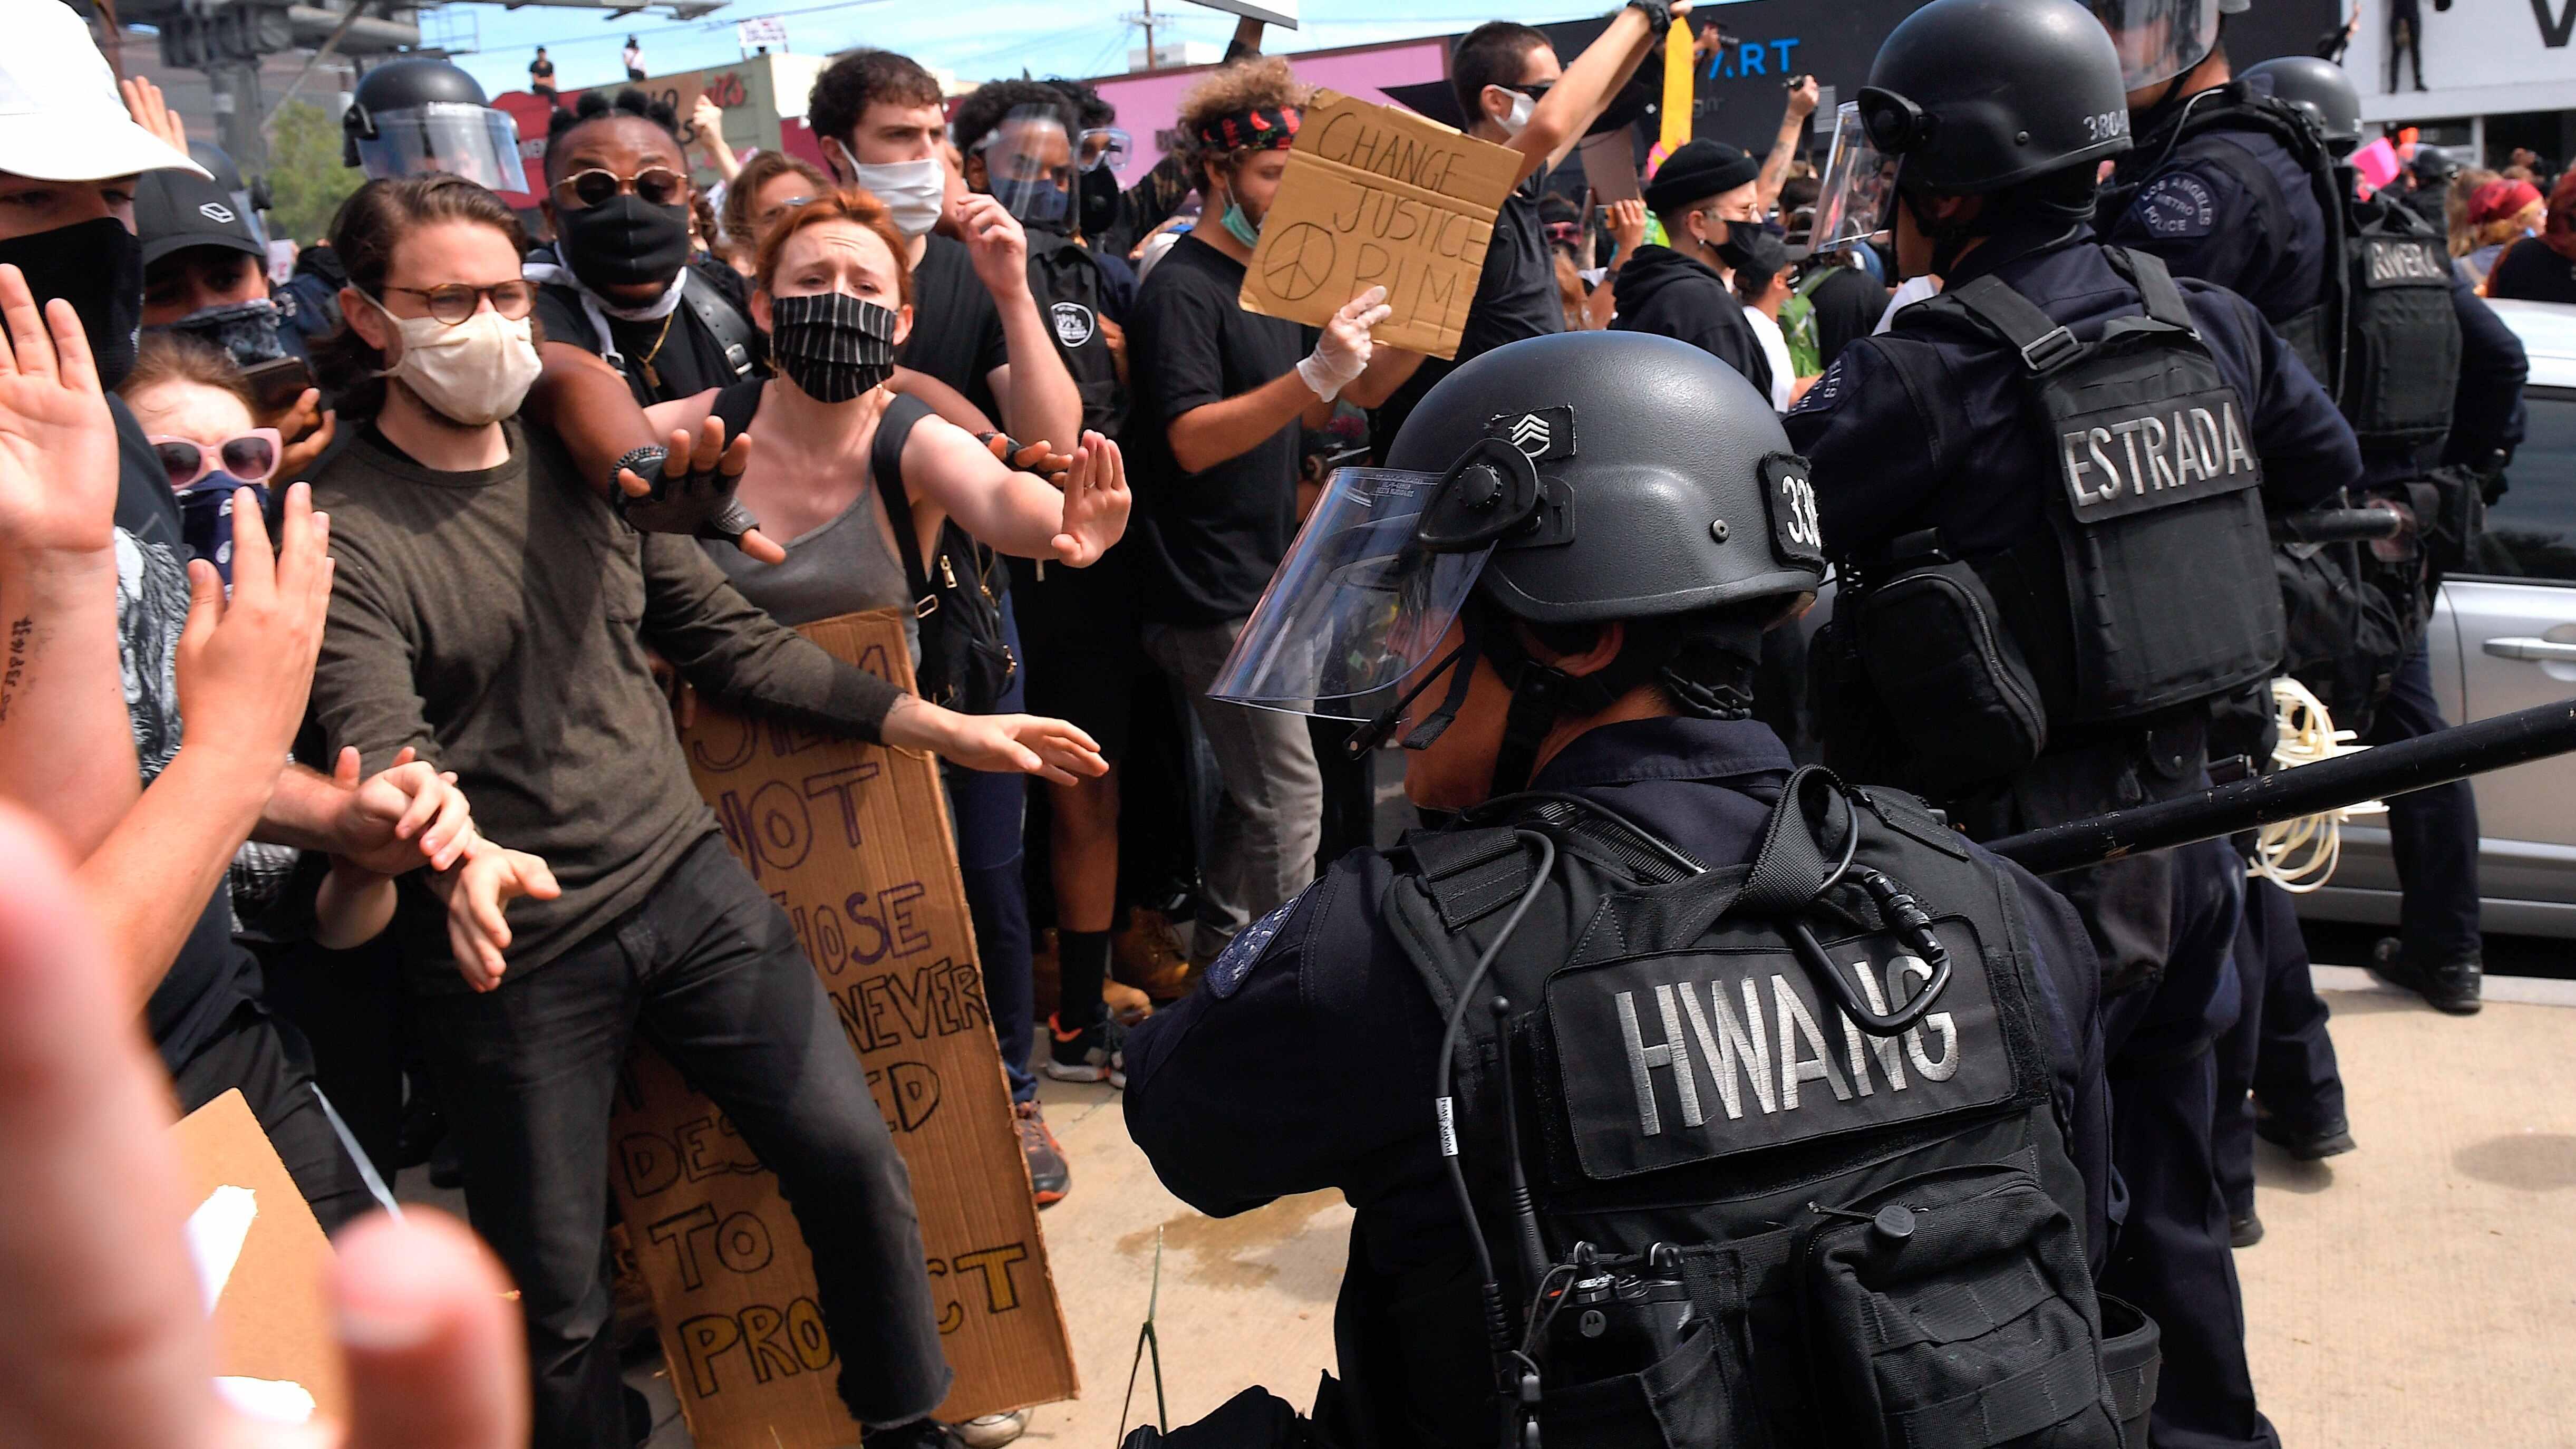 LA declares state of emergency as curfews set in multiple US cities